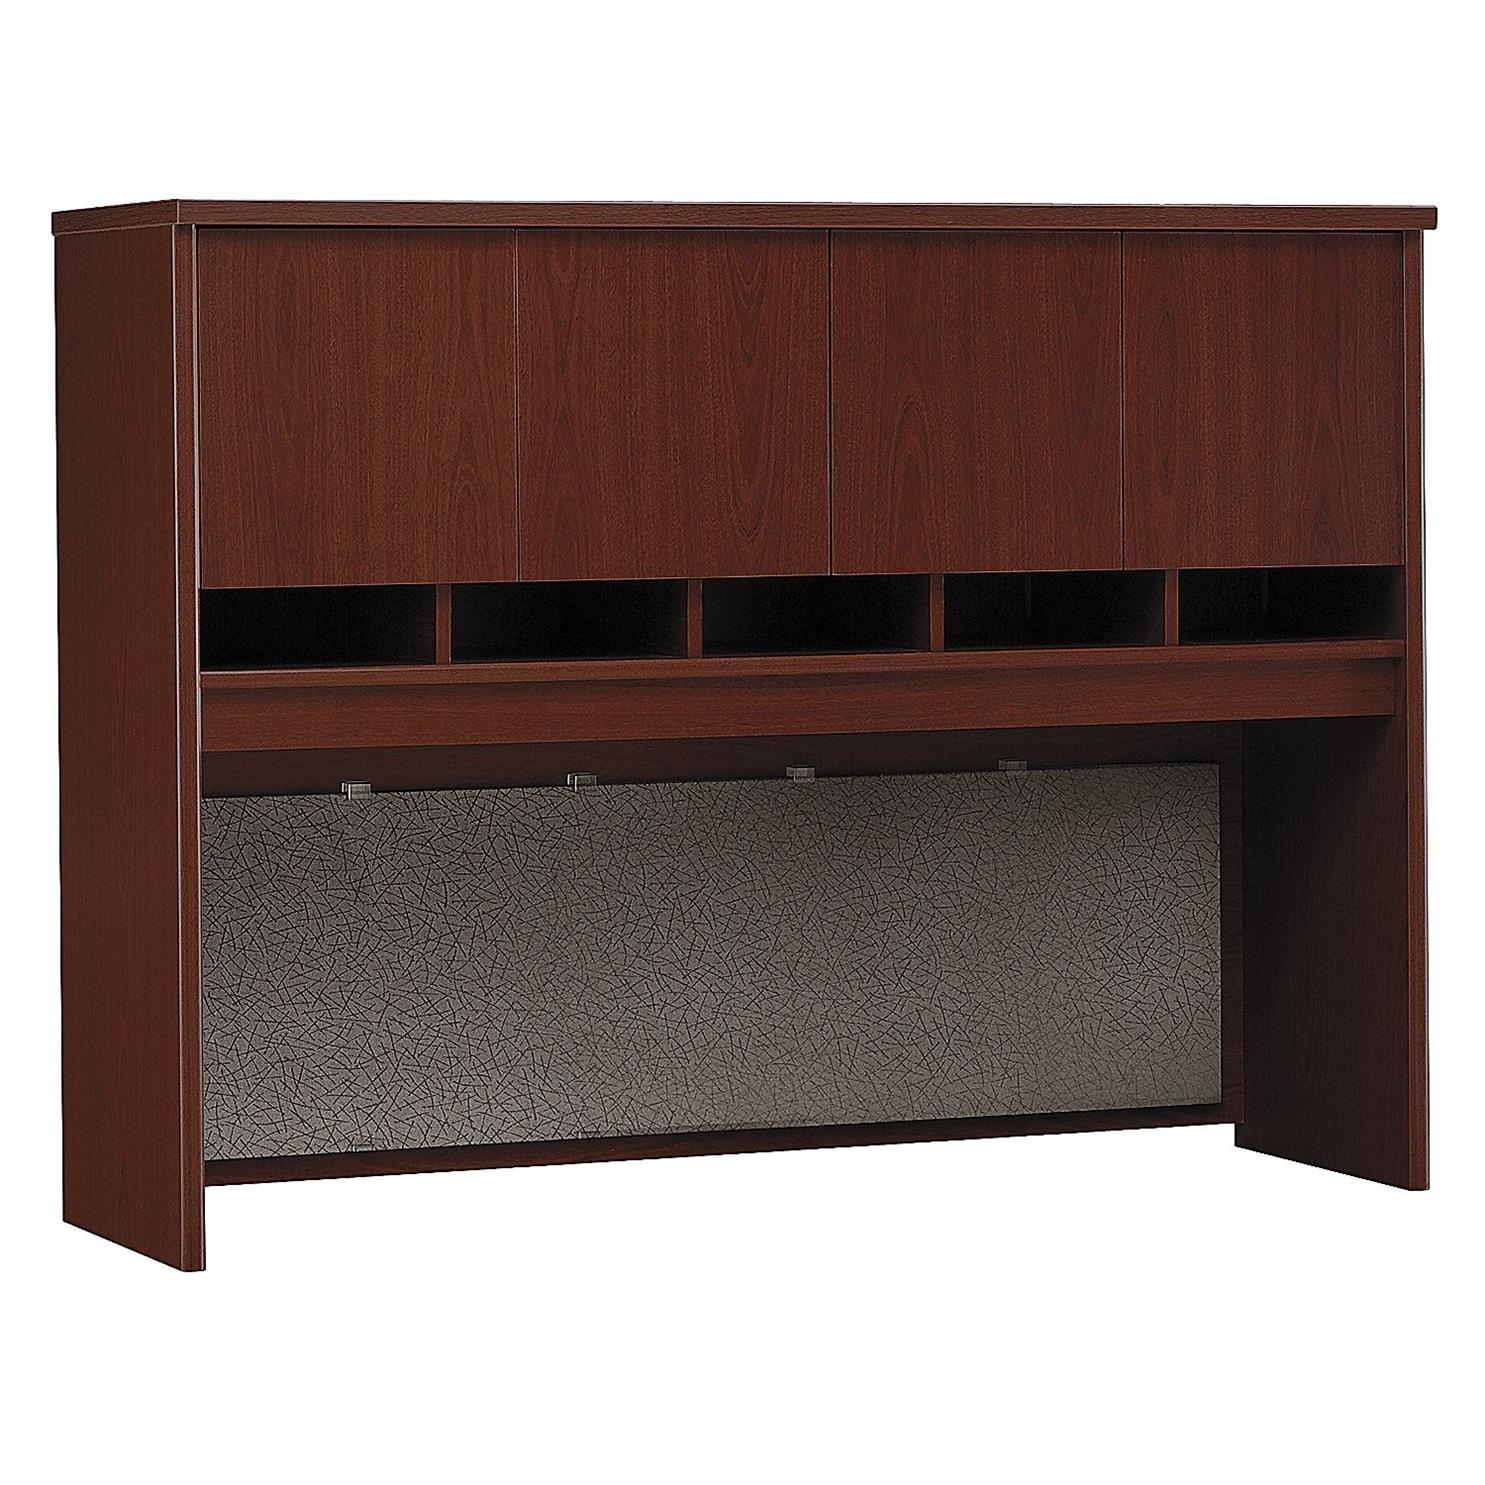 Bush Business Furniture Series C 60W Hutch in Mahogany by Bush Business Furniture